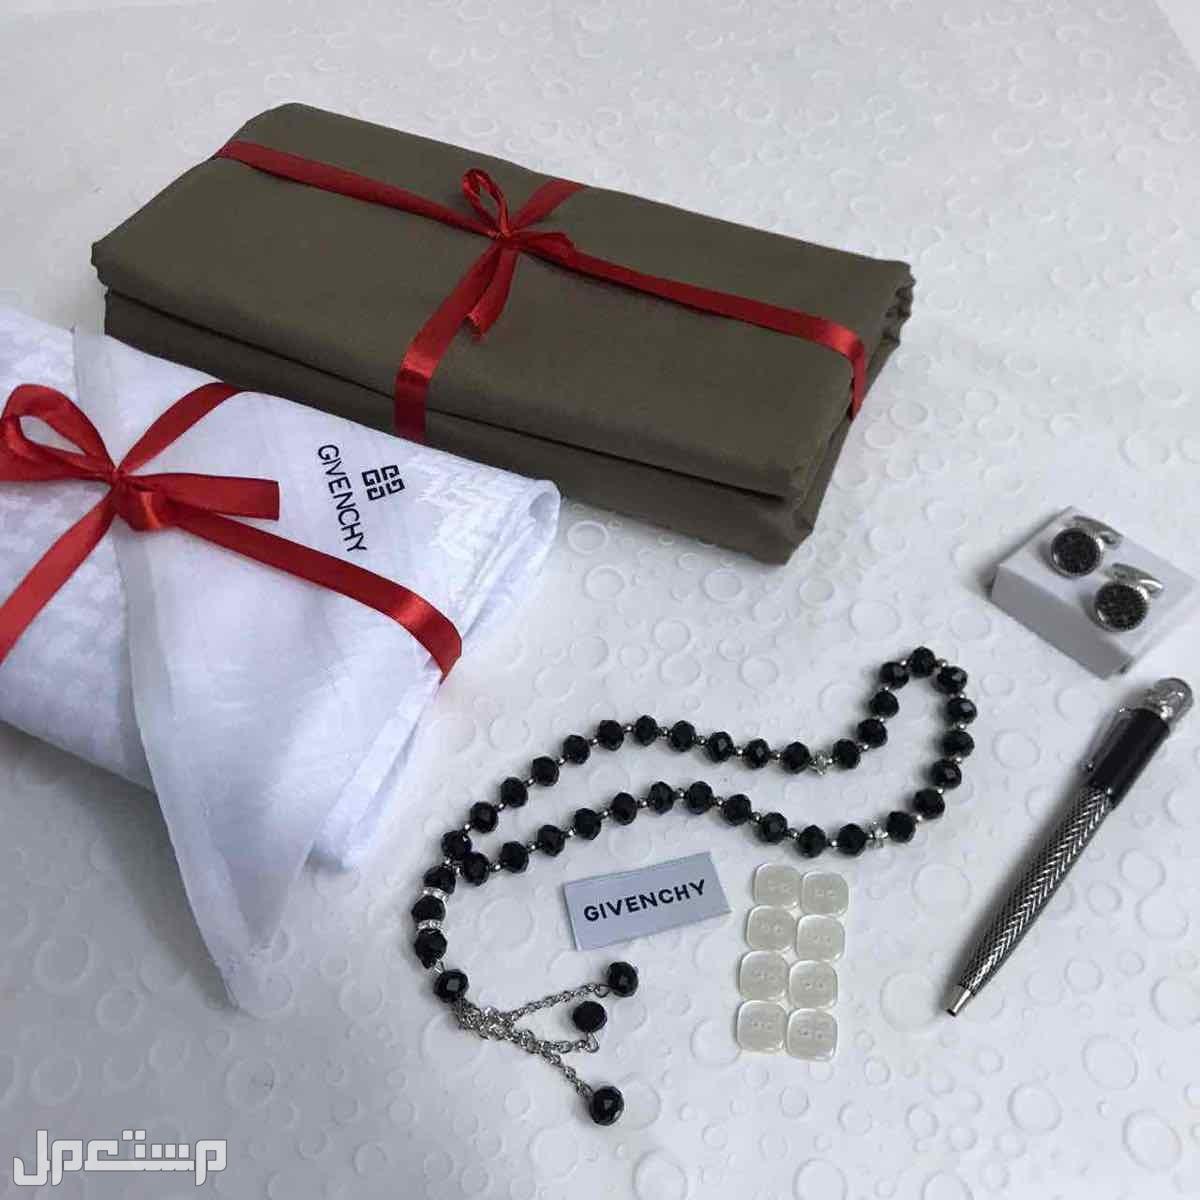 طقم رجالي هدايا مونت بلانك جفنشي قماش شماغ عطر قلمً كبك مسبحه